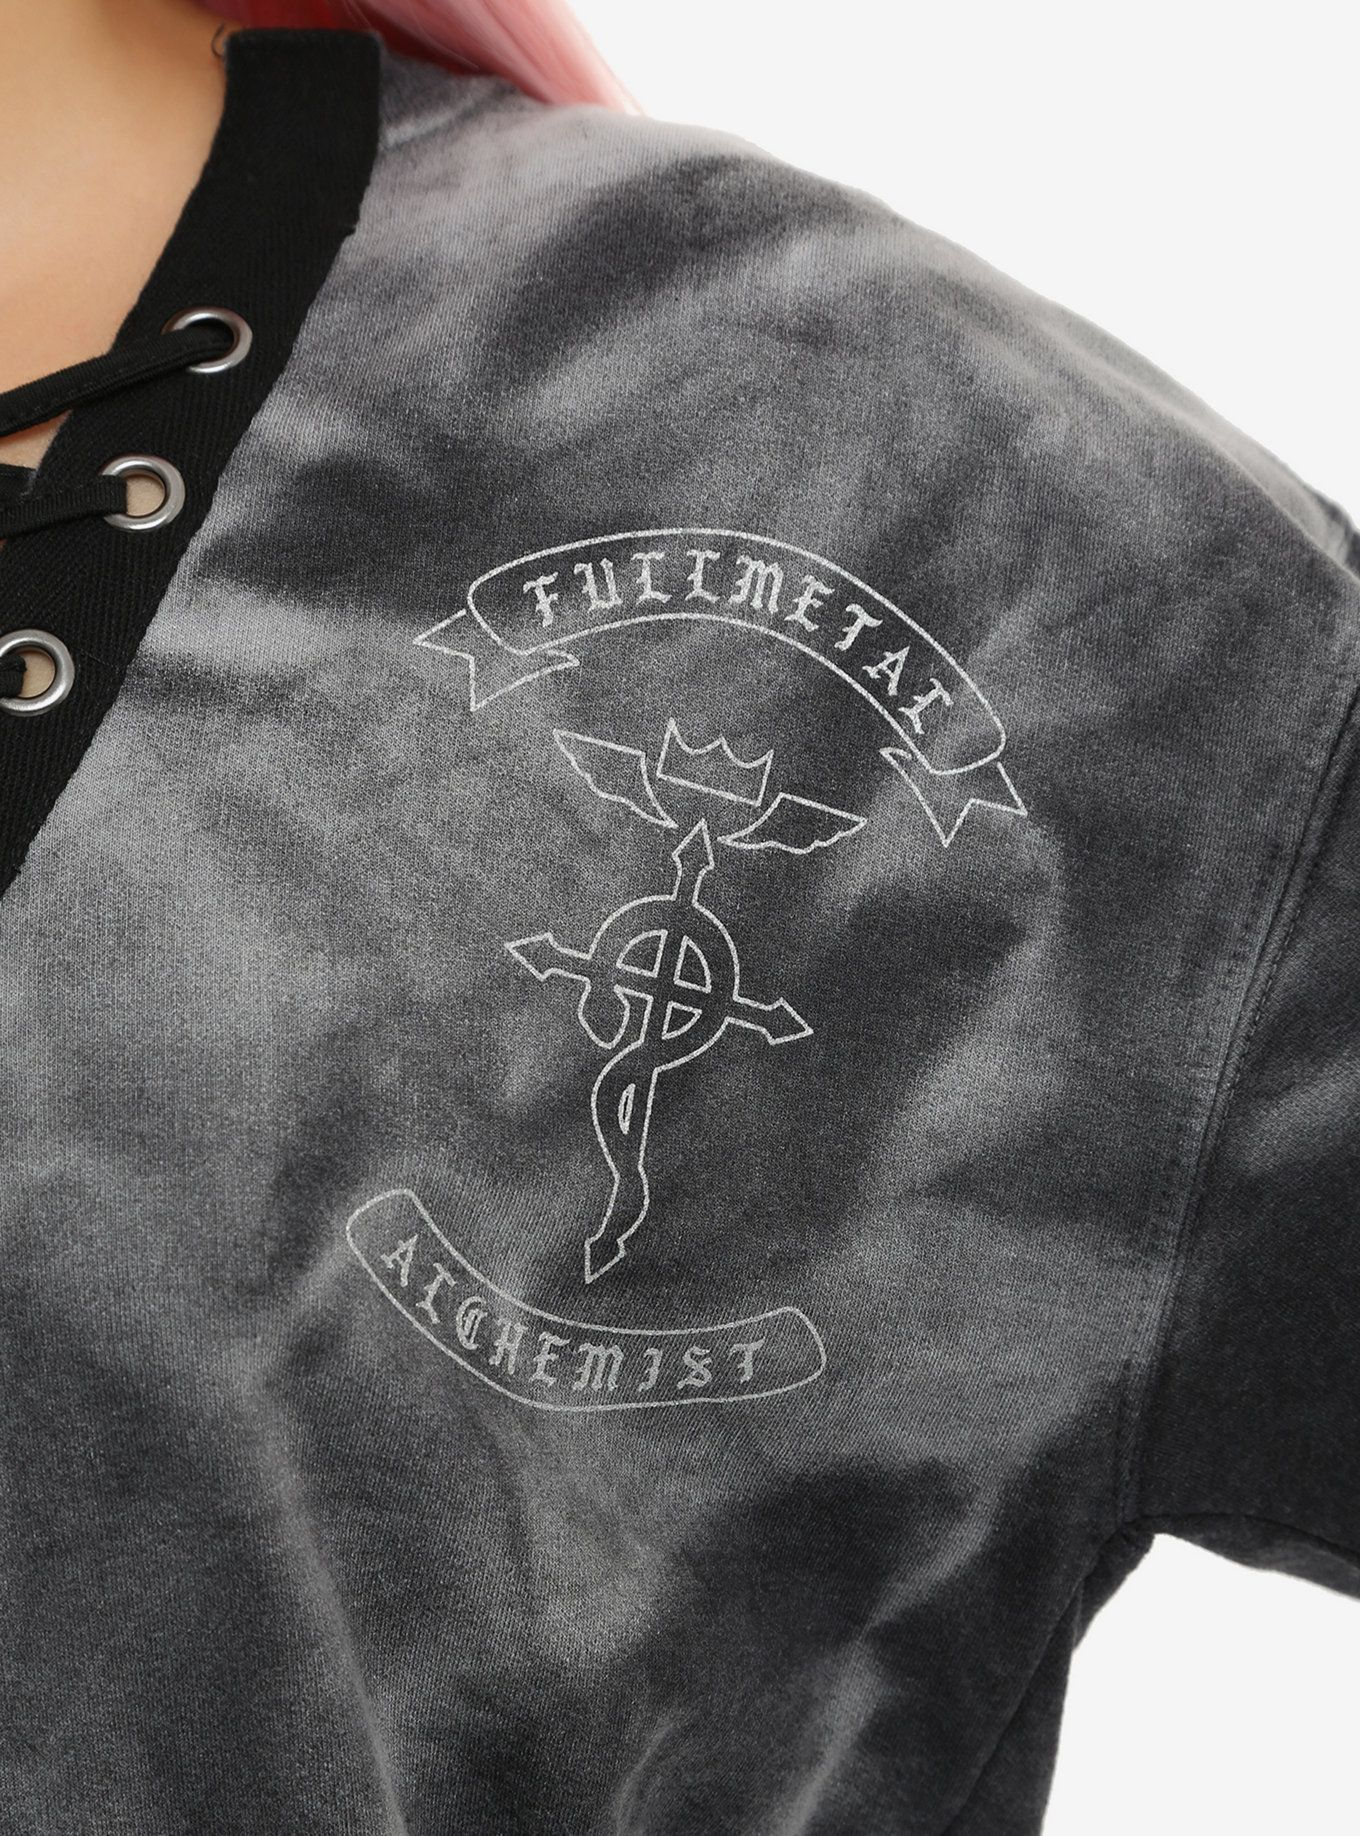 Fullmetal Alchemist Tie Dye Lace Up Girls Sweatshirt Girl Sweatshirts Sweatshirts Geek Girl Fashion [ 1836 x 1360 Pixel ]